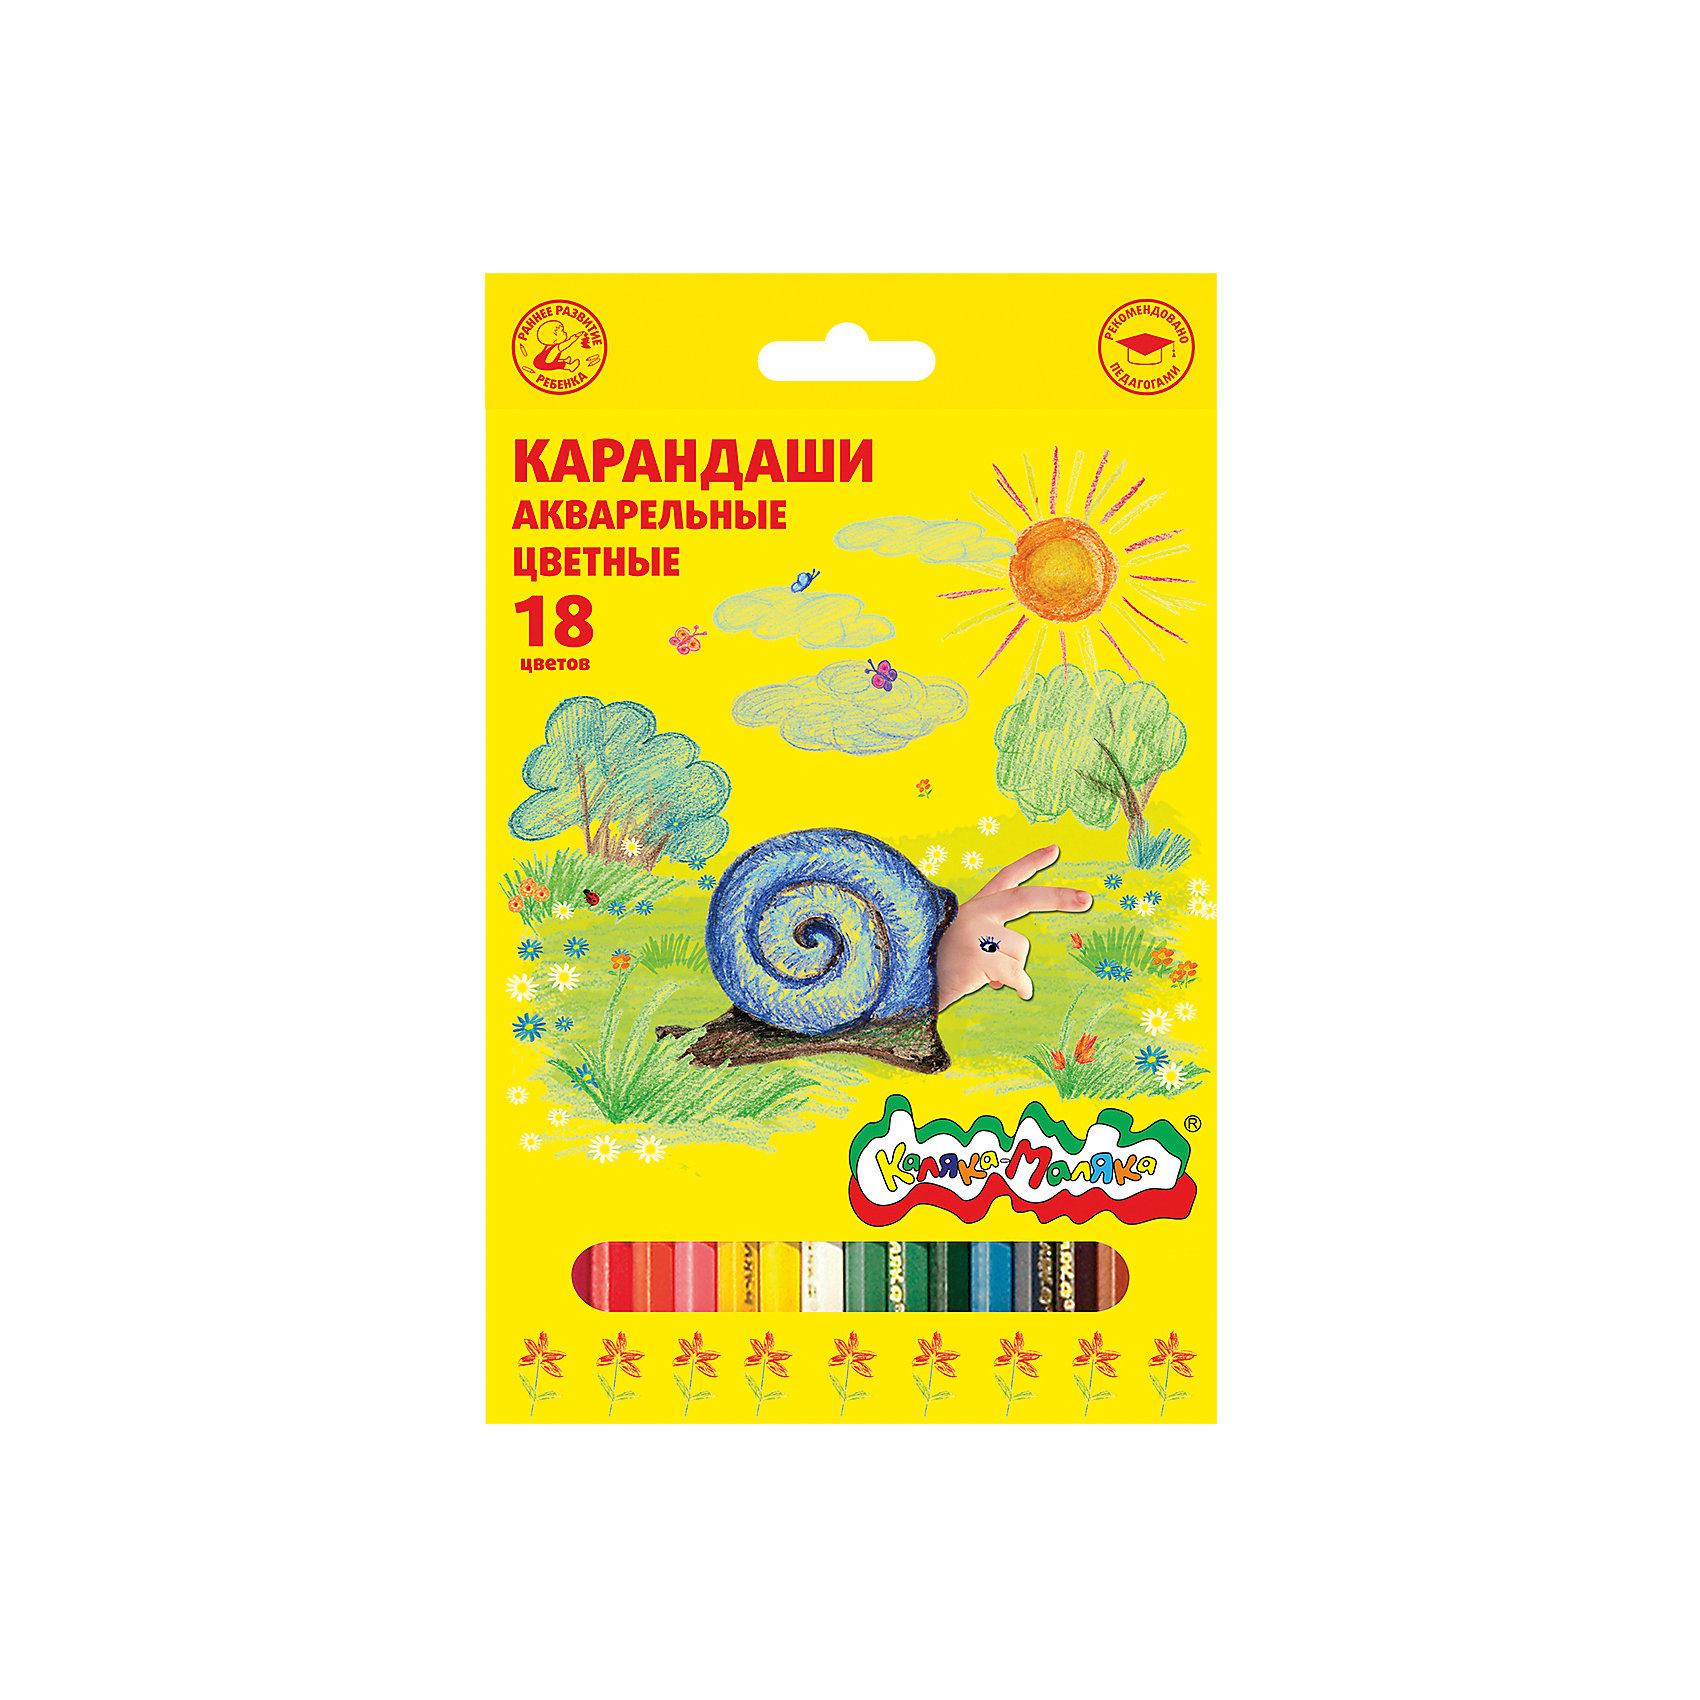 Акварельные карандаши 18 цветов, шестигранные с заточкойПисьменные принадлежности<br>Необыкновенные карандаши для создания акварельных картин маленькими художниками. Нарисуйте рисунок карандашом, а затем проведите по нему мокрой кистью – краски намокнут и расплывутся, превратив карандашный рисунок в акварельную картину.Цветные карандаши Каляка-Маляка®  изготовлены из высококачественной древесины и имеют специальный особо прочный грифель. Они легко затачиваются без «заусенец», которые могут поцарапать пальчики малышей.• изготовлены из прочной и легкой древесины• имеют идеально отцентрованный мягкий прочный грифель• не крошатся во время заточки, не ломаются, срез остается гладким и блестящим• хорошо заточены• хорошо ложатся на бумагу, оставляя яркий, устойчивый к выцветанию след• покрыты лаком, предотвращающим от рассыхания и трещин на корпусе<br><br>Ширина мм: 198<br>Глубина мм: 136<br>Высота мм: 8<br>Вес г: 120<br>Возраст от месяцев: 36<br>Возраст до месяцев: 120<br>Пол: Унисекс<br>Возраст: Детский<br>SKU: 5354211